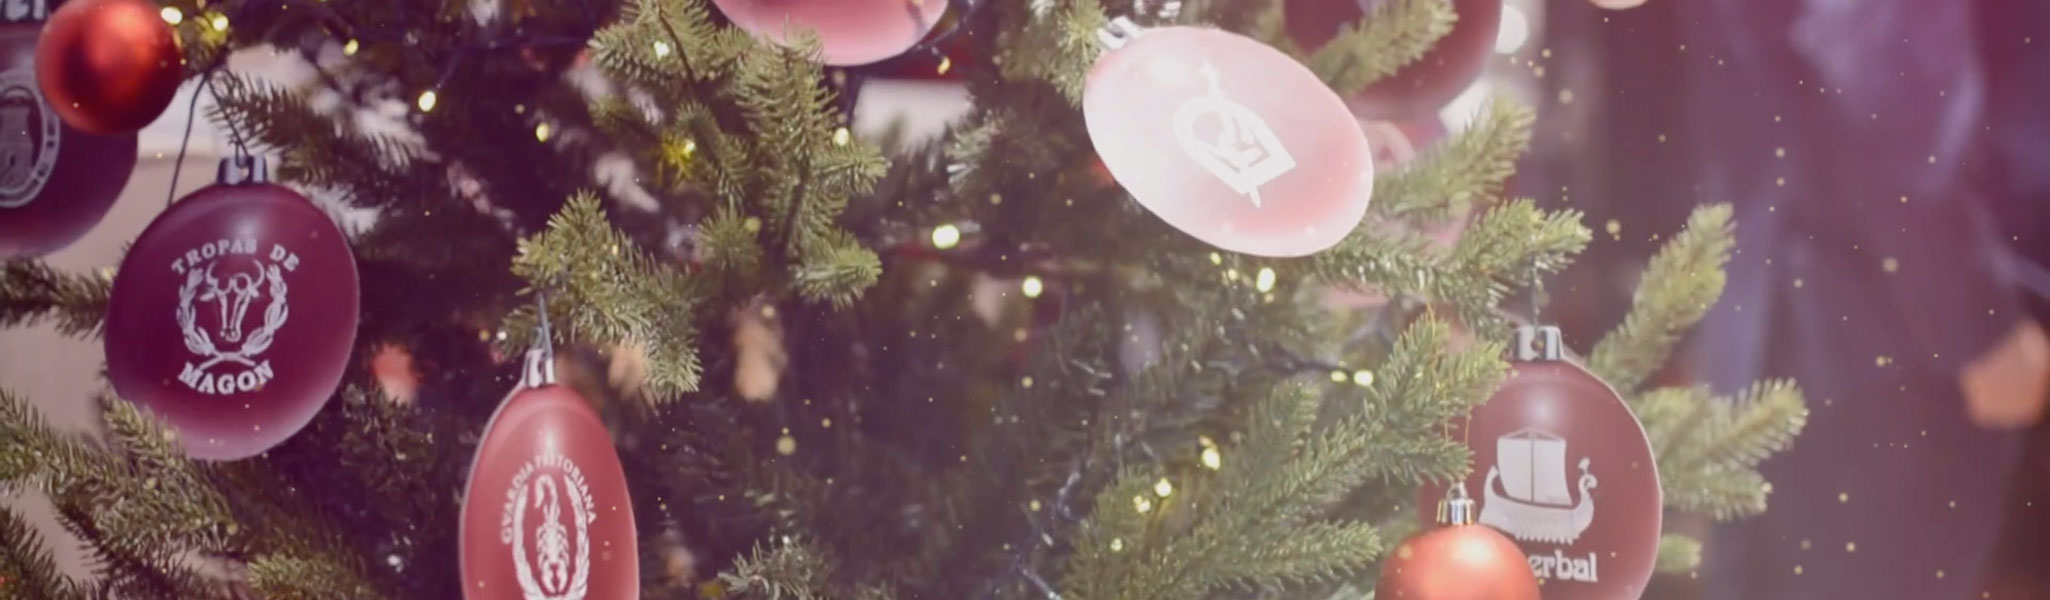 Felicitación navideña de parte de la Federación de Tropas y Legiones